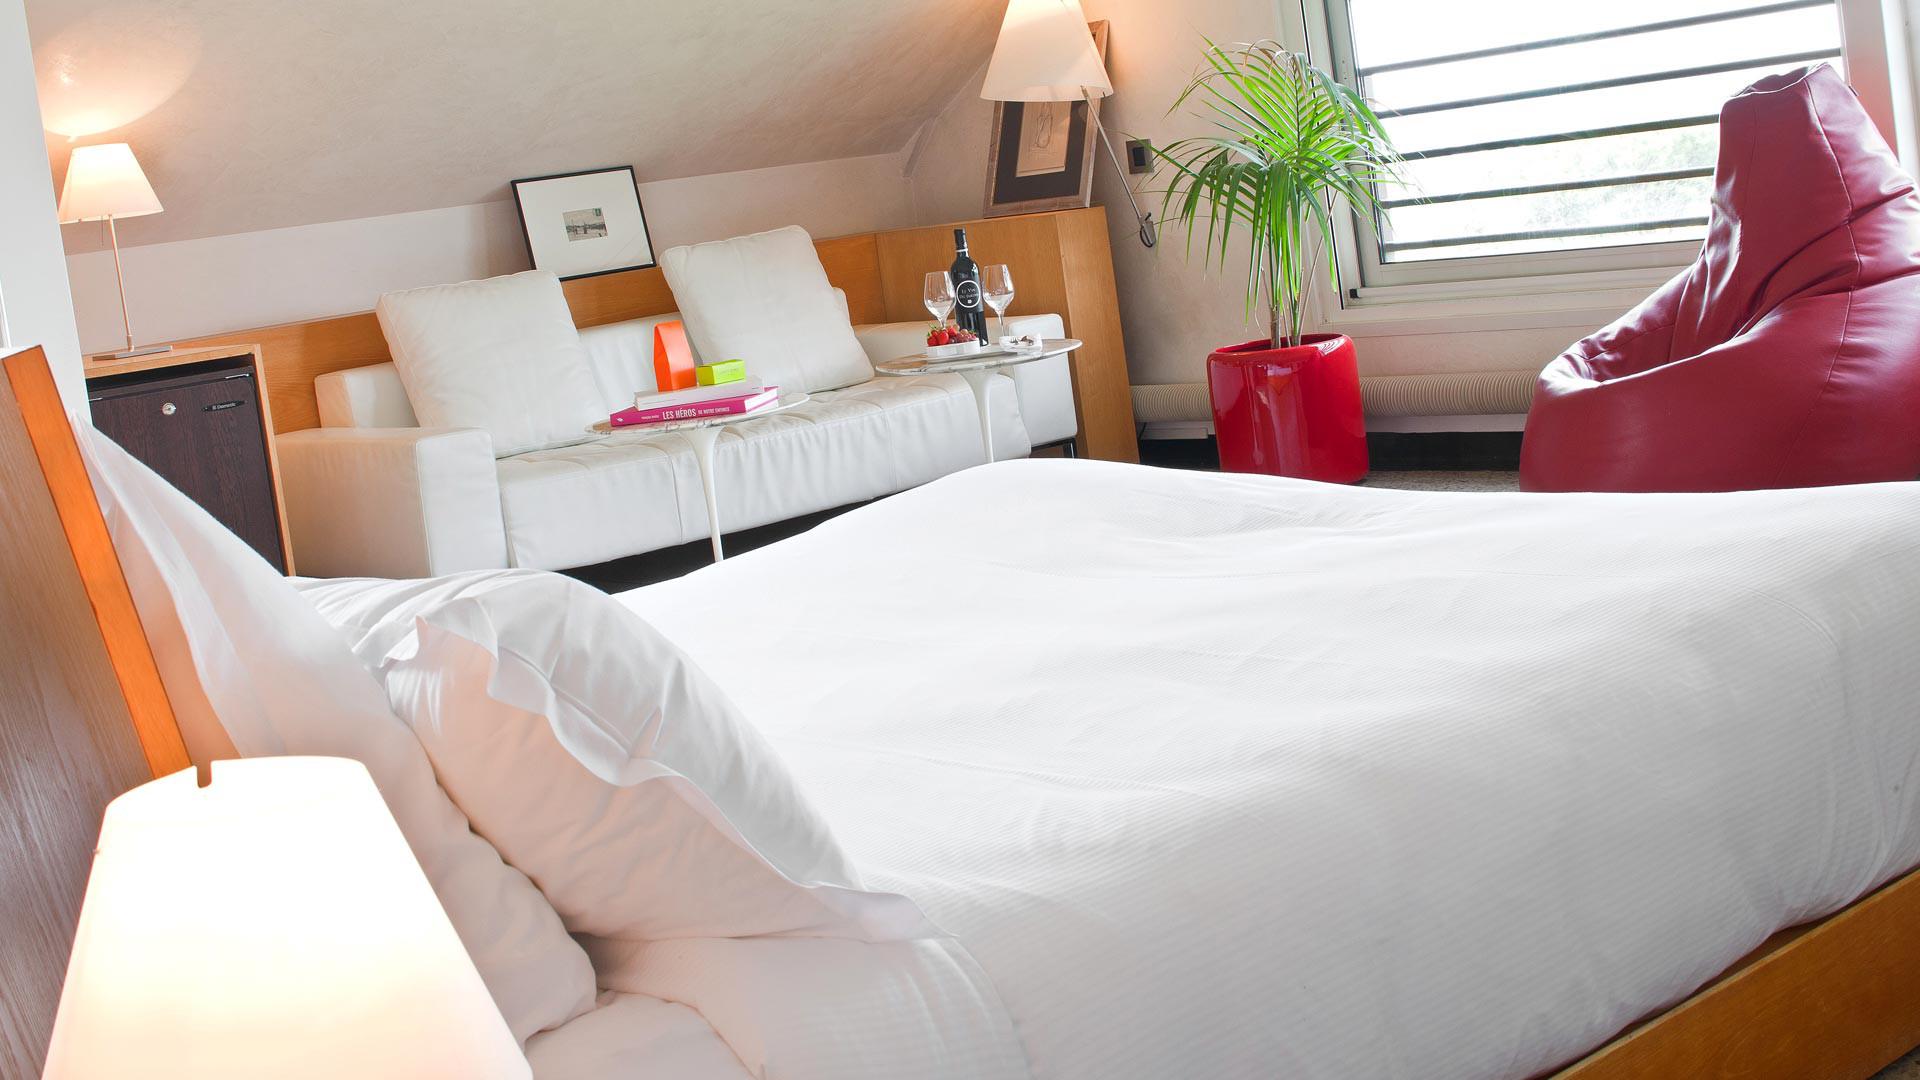 Unique chambre avec jacuzzi privatif aquitaine - Chambre avec jacuzzi privatif aquitaine ...